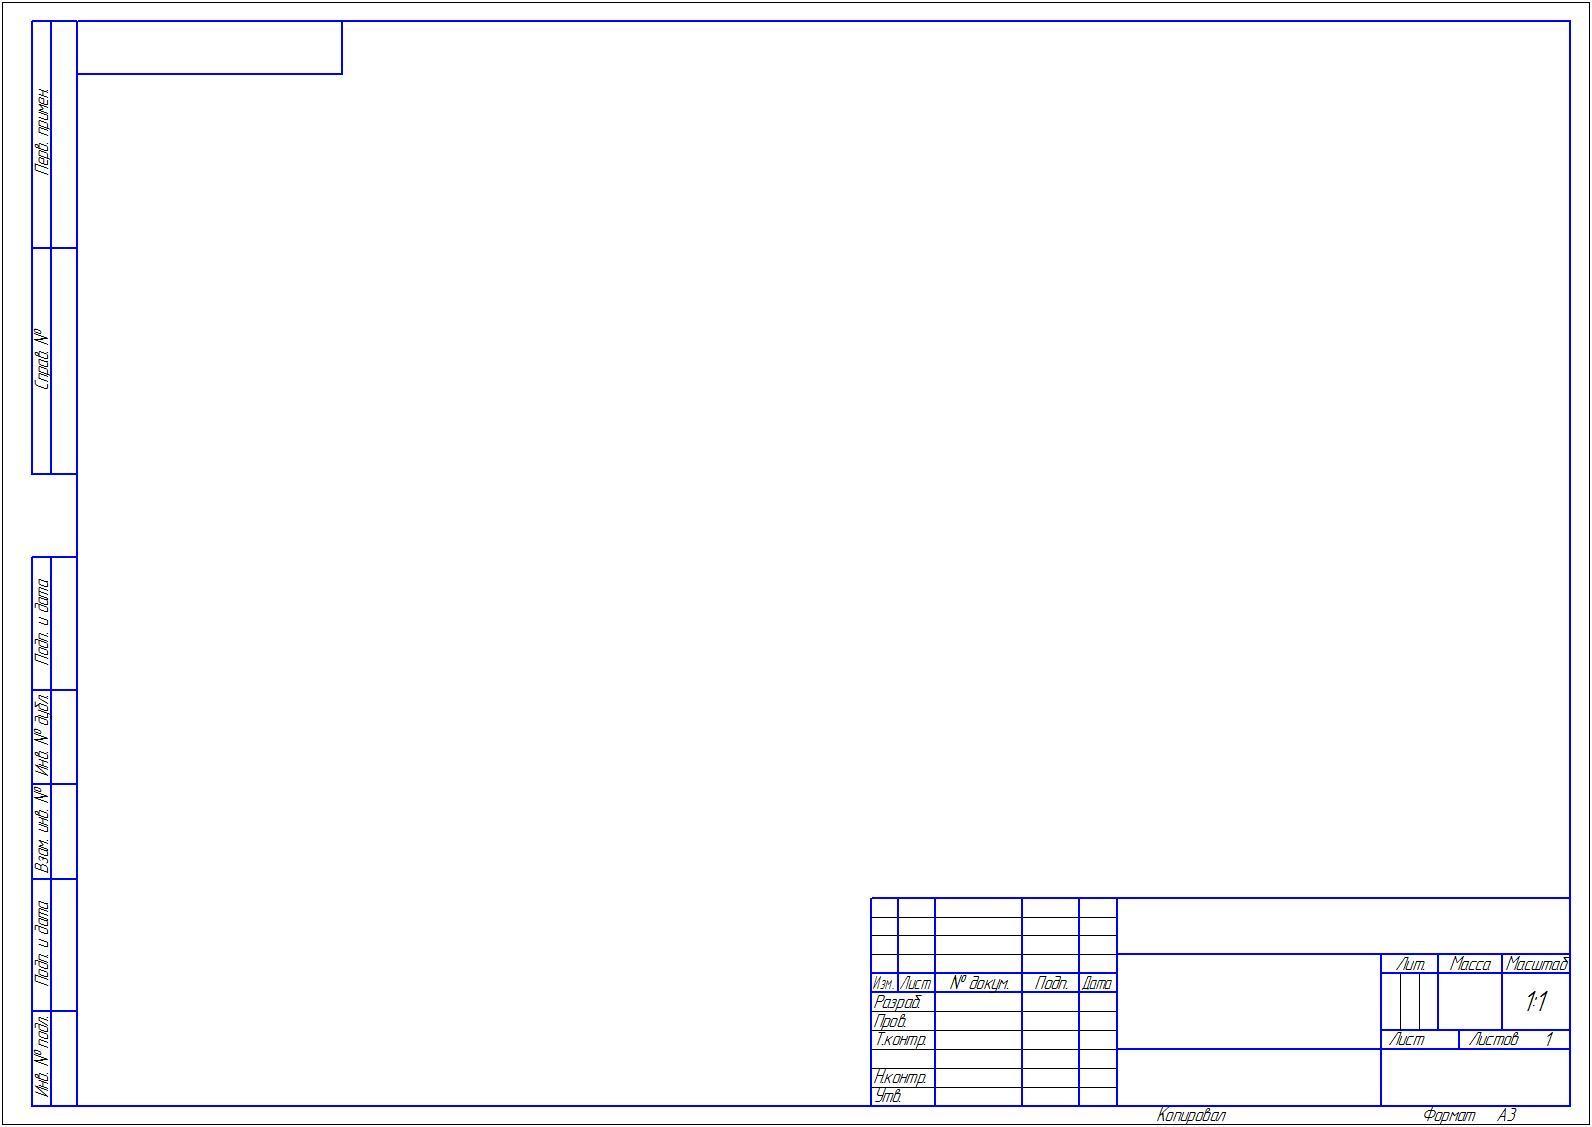 Контрольная работа  Контрольная работа является отчётом студента о проделанной работе по изучению программного материала Студент должен выполнить её чётко красиво графически